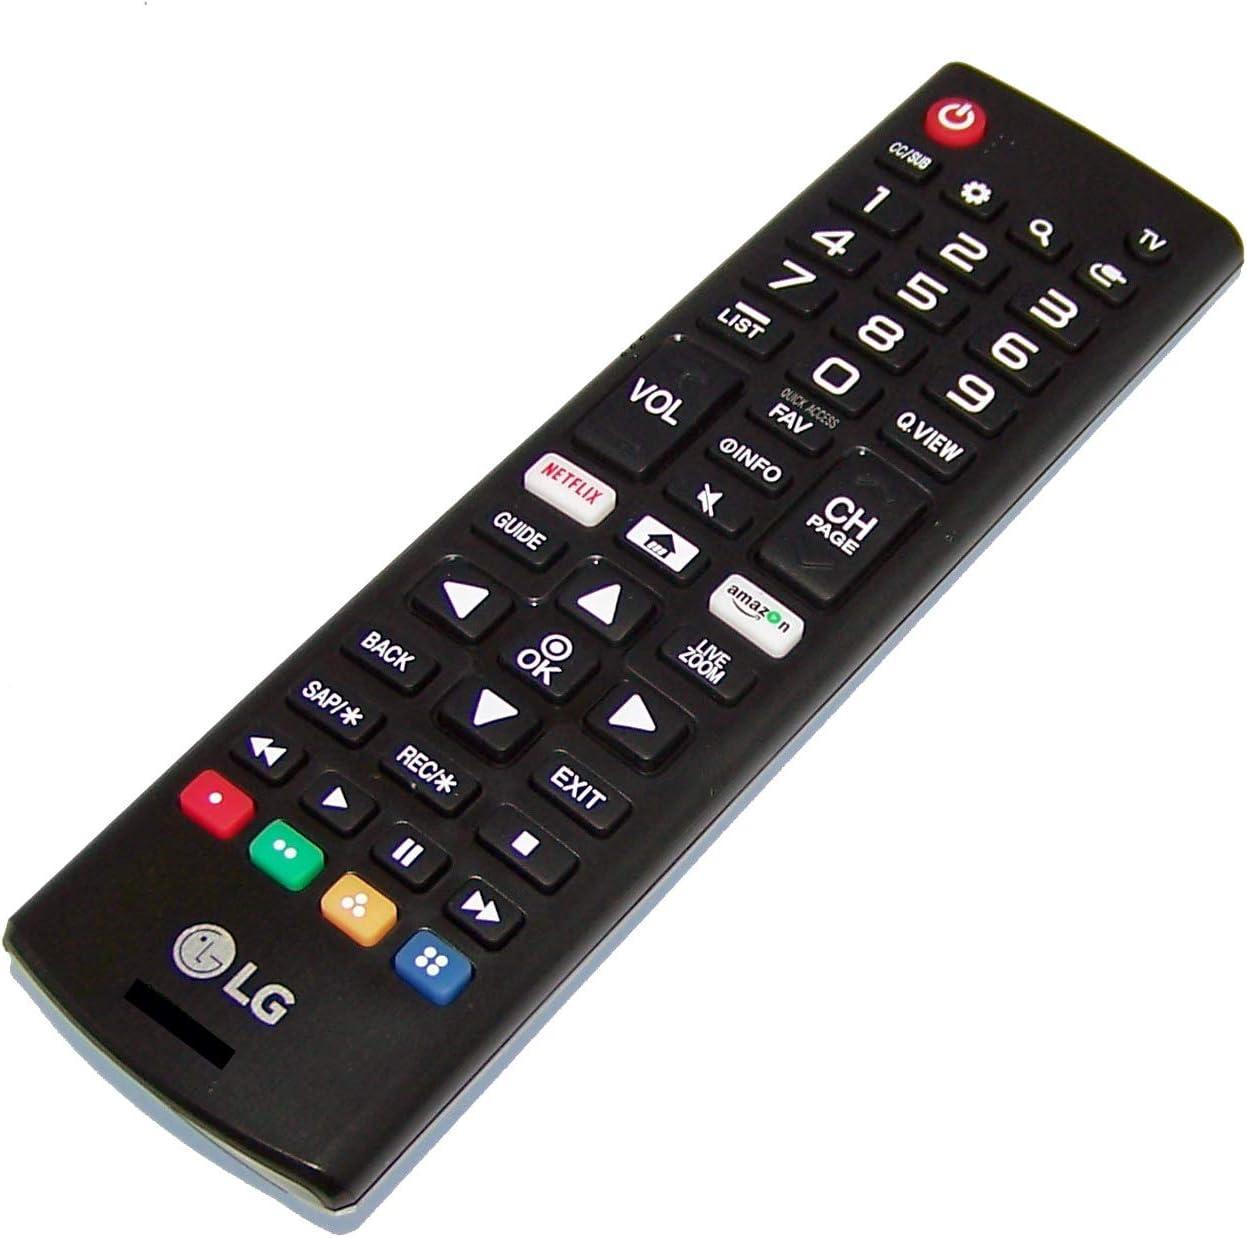 86UK6570P-UB 86UK6570P-UA 86UK7570PUB OEM LG Remote Control Shipped with 86UK6570PUA 86UK6570PUB 86UK7570P